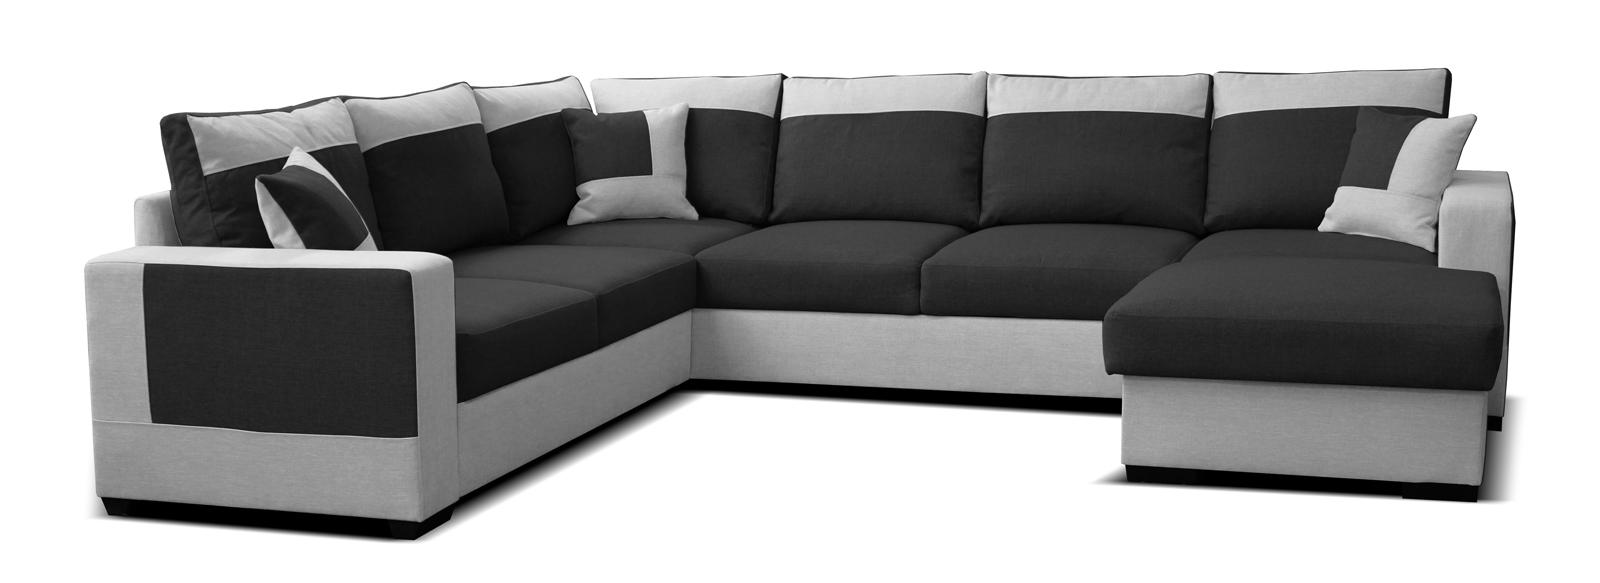 Rohová sedačka U - Po-Sed - Mega 2+A+2F+L (čierna + sivá) (P). Akcia -22%. Doprava ZDARMA. Sme autorizovaný predajca Po-Sed. Vlastná spoľahlivá doprava až k Vám domov.